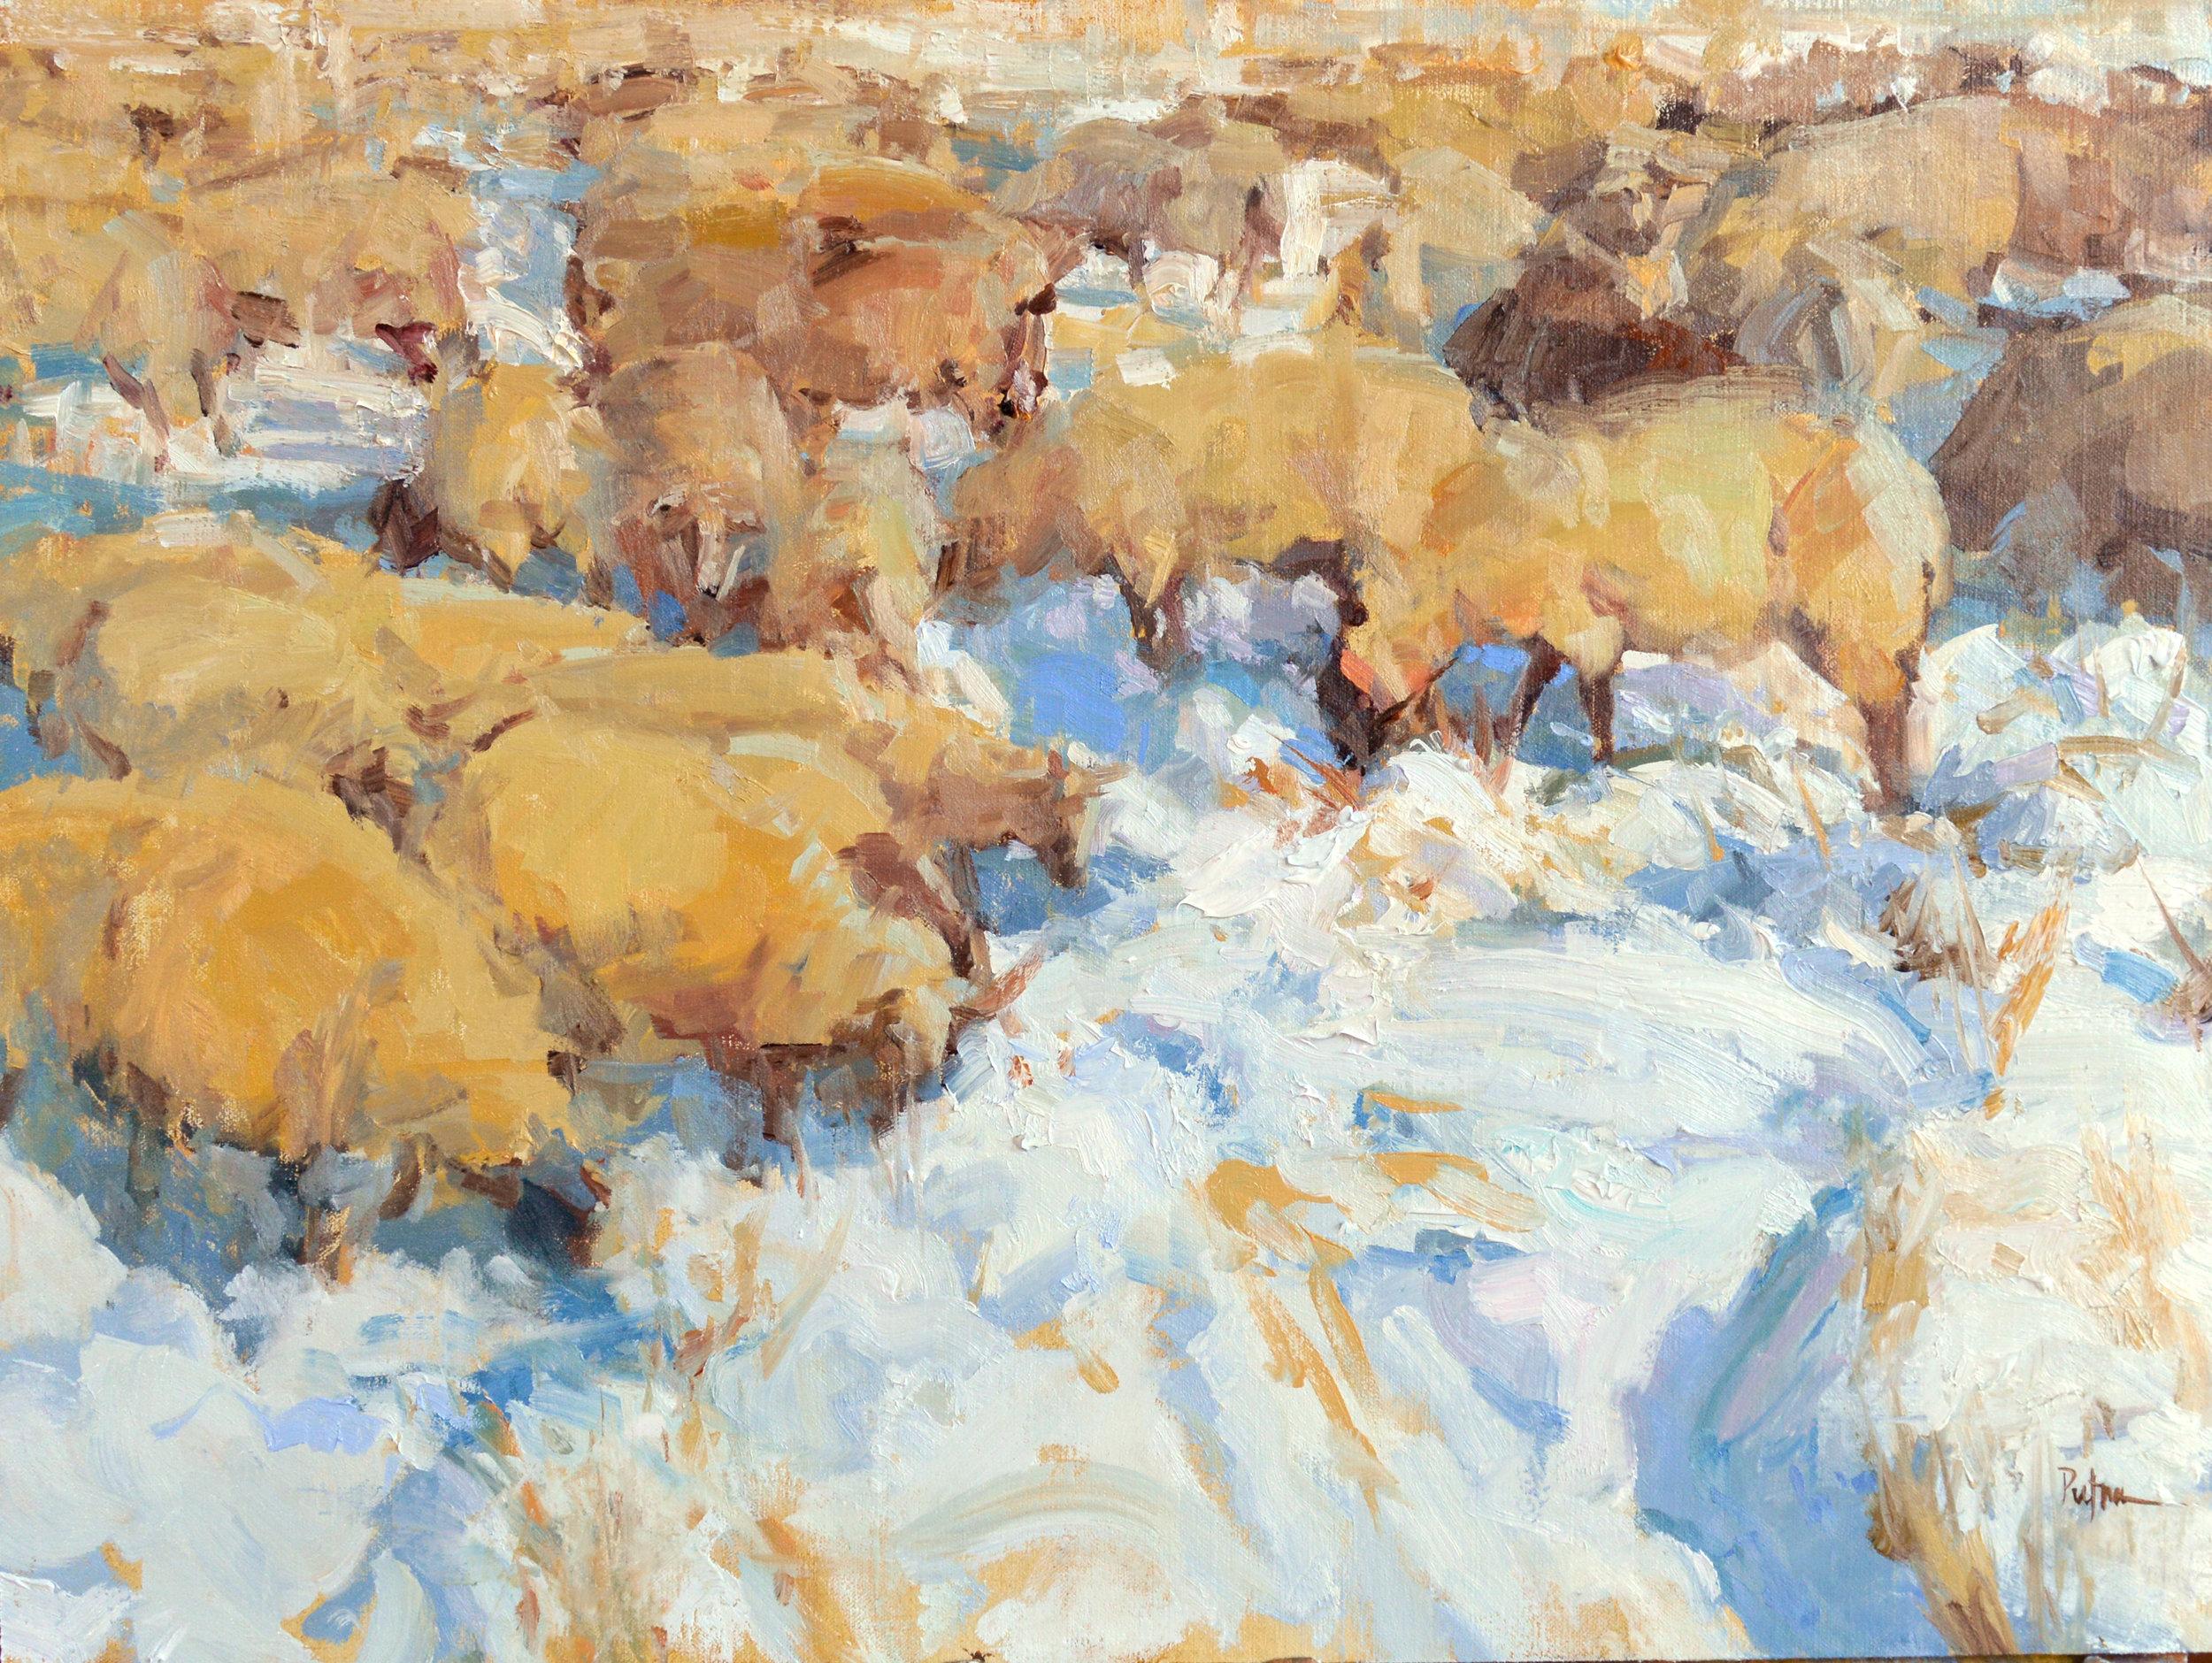 Flocked, 18x24, oil on linen. $5400. Available through  Putnam Studio .